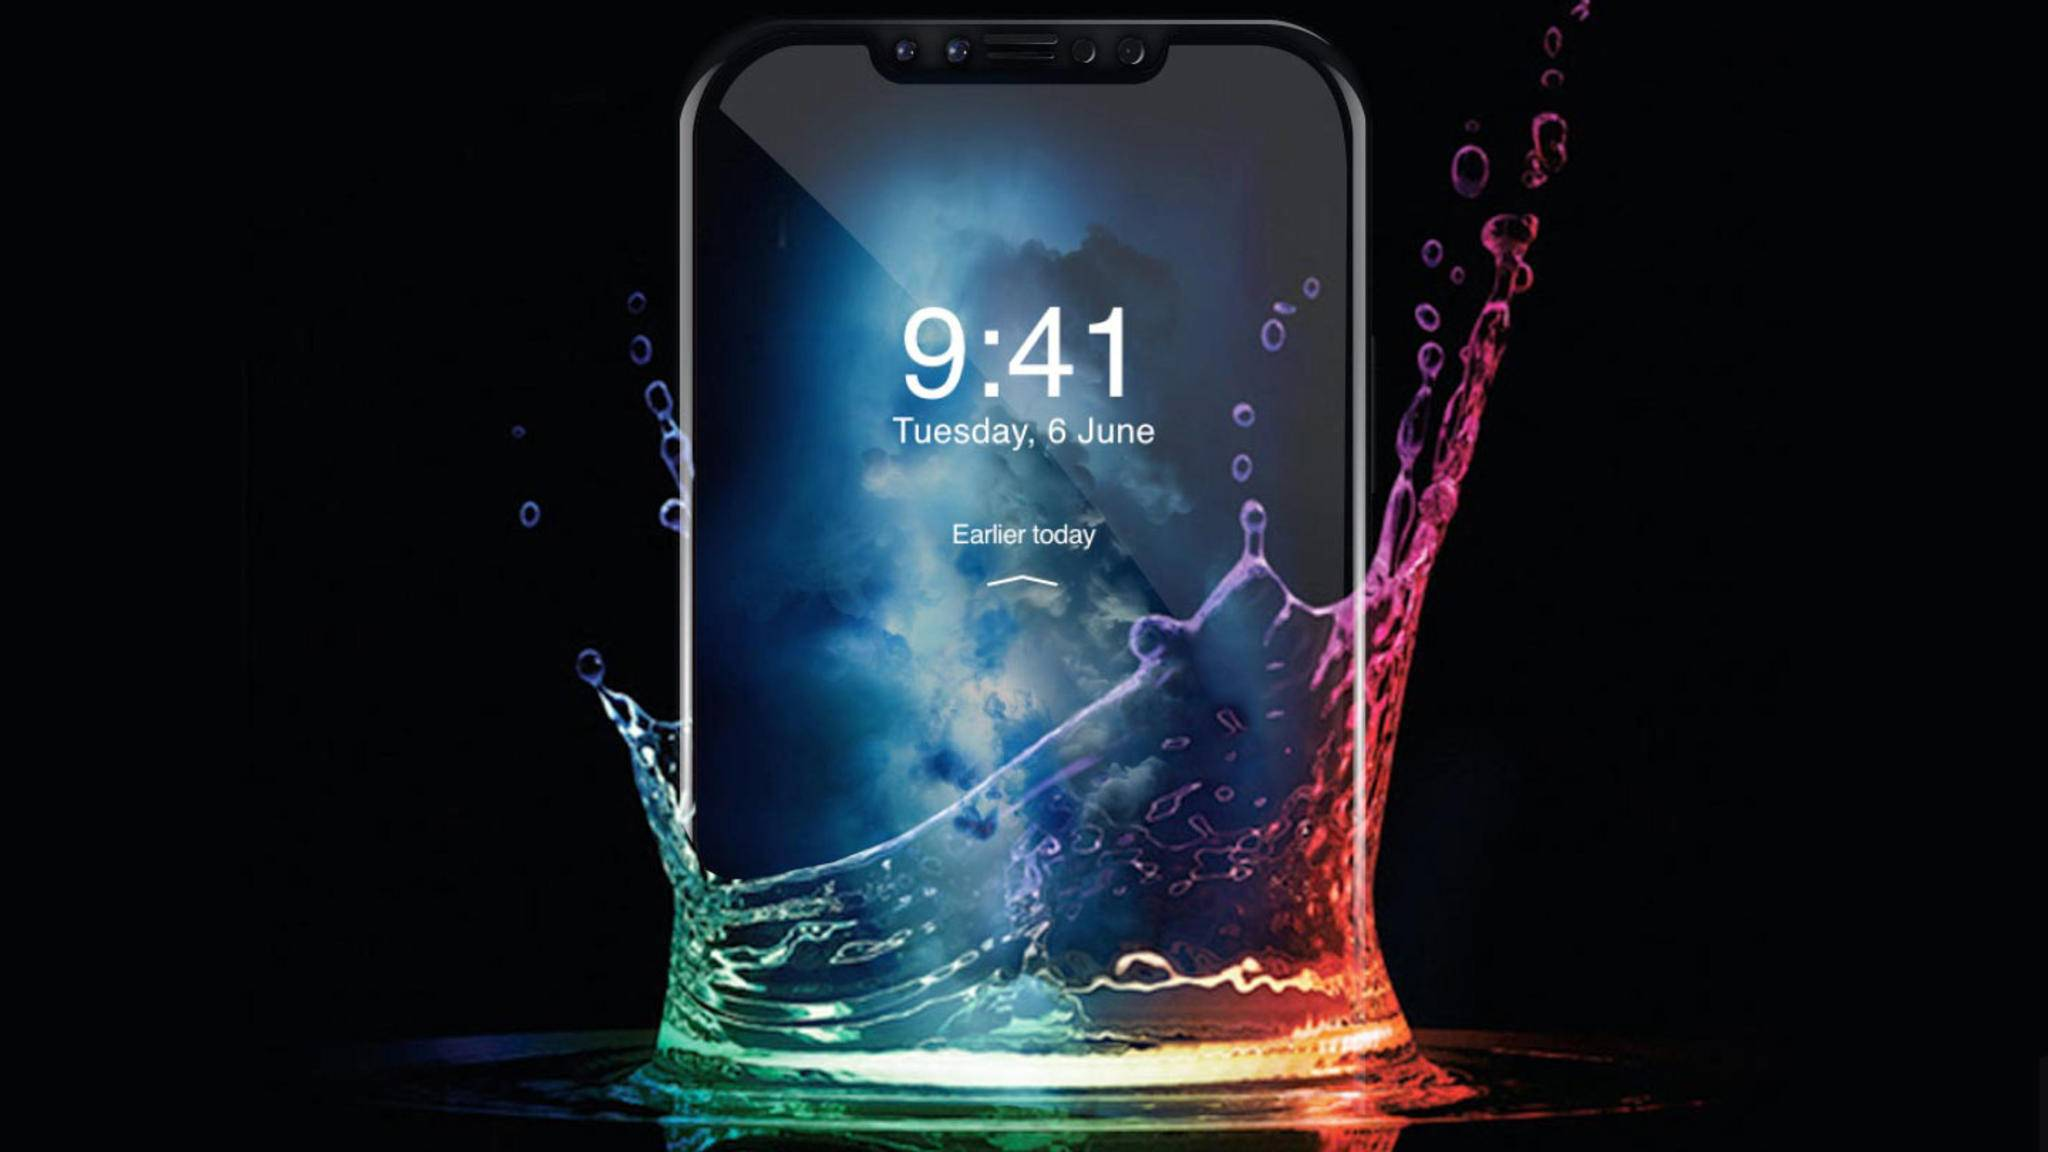 Die finale Version von iOS 11 verrät einige Details über die iPhone-8-Modelle.